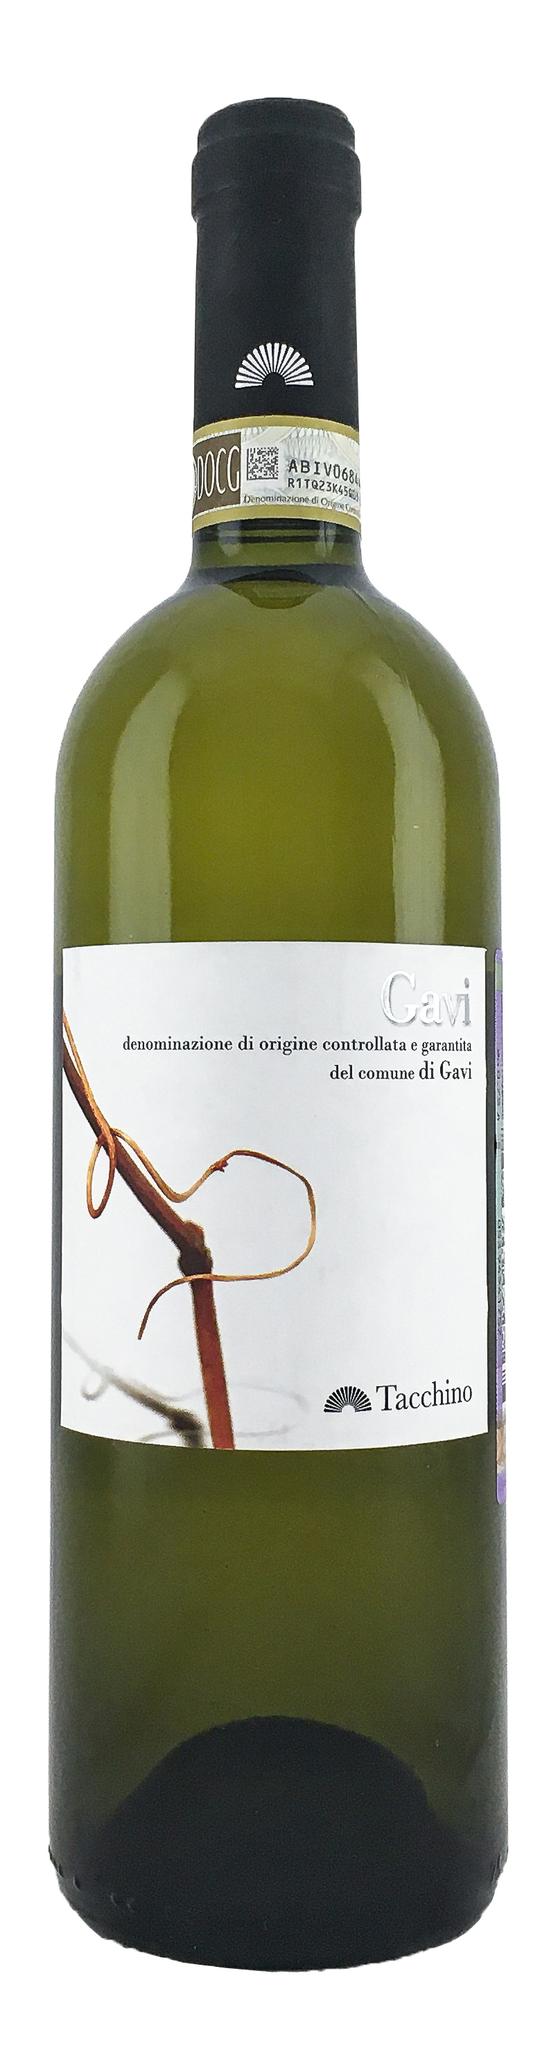 Вино Гави дель Комуне ди Гави сухое белое з.н.м.п. категория DOCG, регион Пьемонт 0,75л.